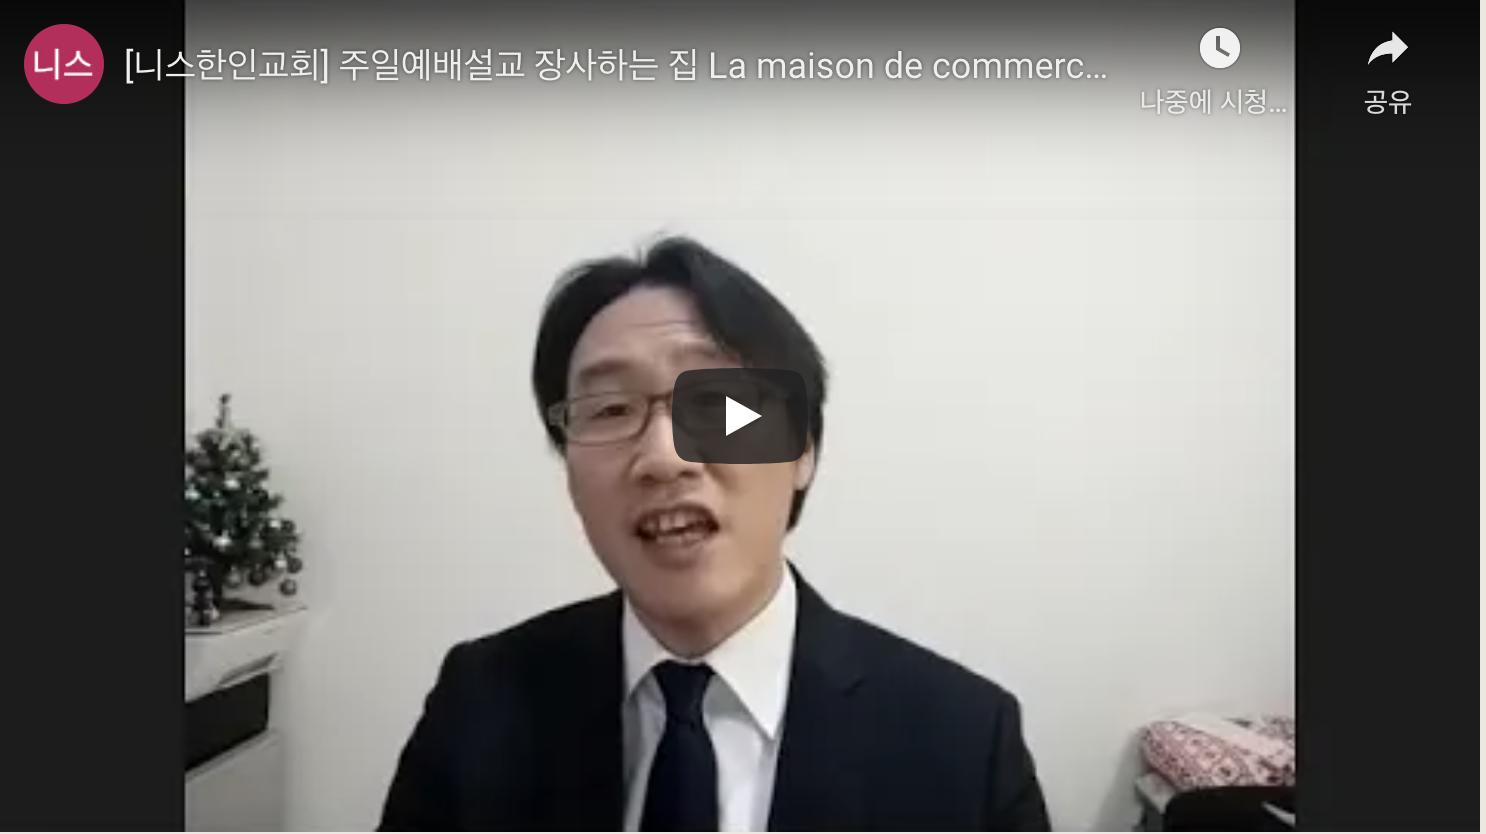 주일예배설교 장사하는 집 La maison de commerce (2020.12.06)